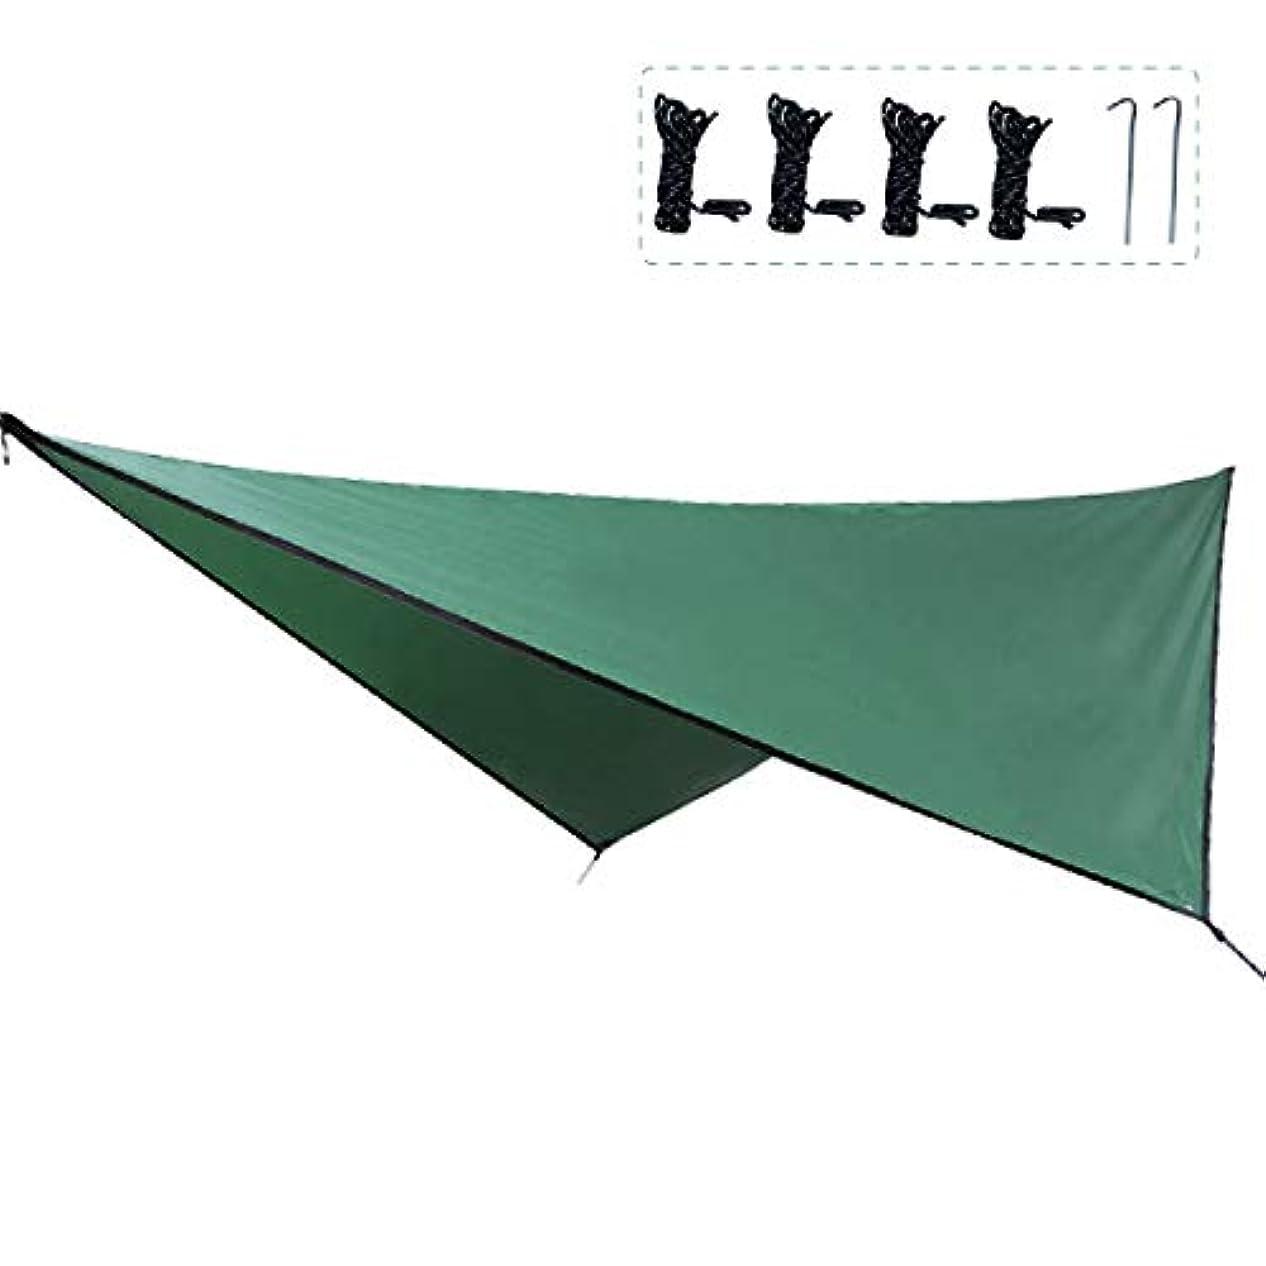 メニューパレード名前TRIWONDER タープ 天幕 シェード 防水軽量 ティピー グランドシート キャンプ テント ピクニック マット シート フライシート サンシェルター 収納袋付き